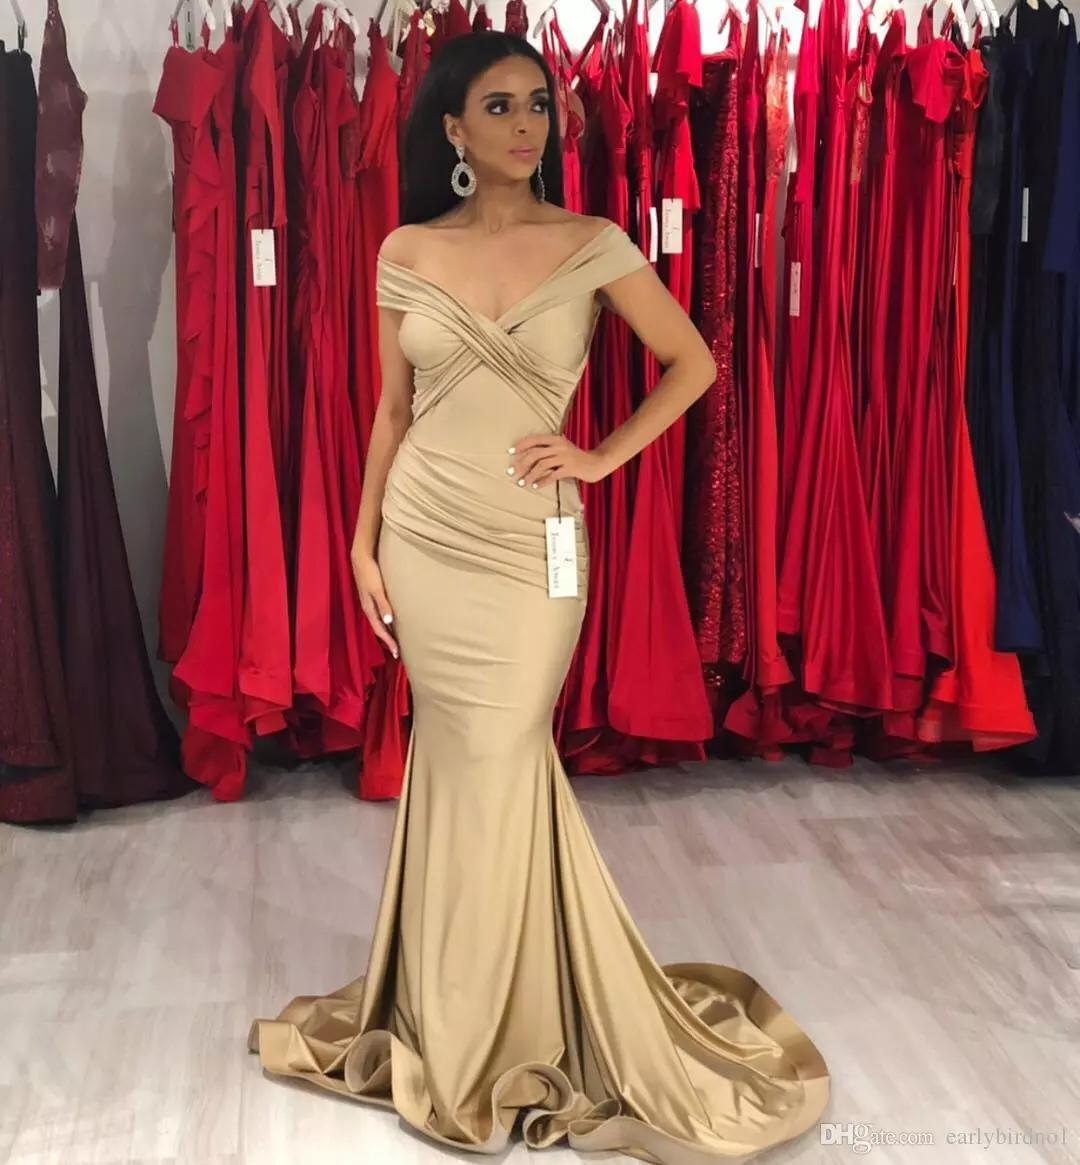 e7a920c950 Compre 2019 Nuevos Y Elegantes Vestidos De Graduación En Forma De Sirena  Dorados